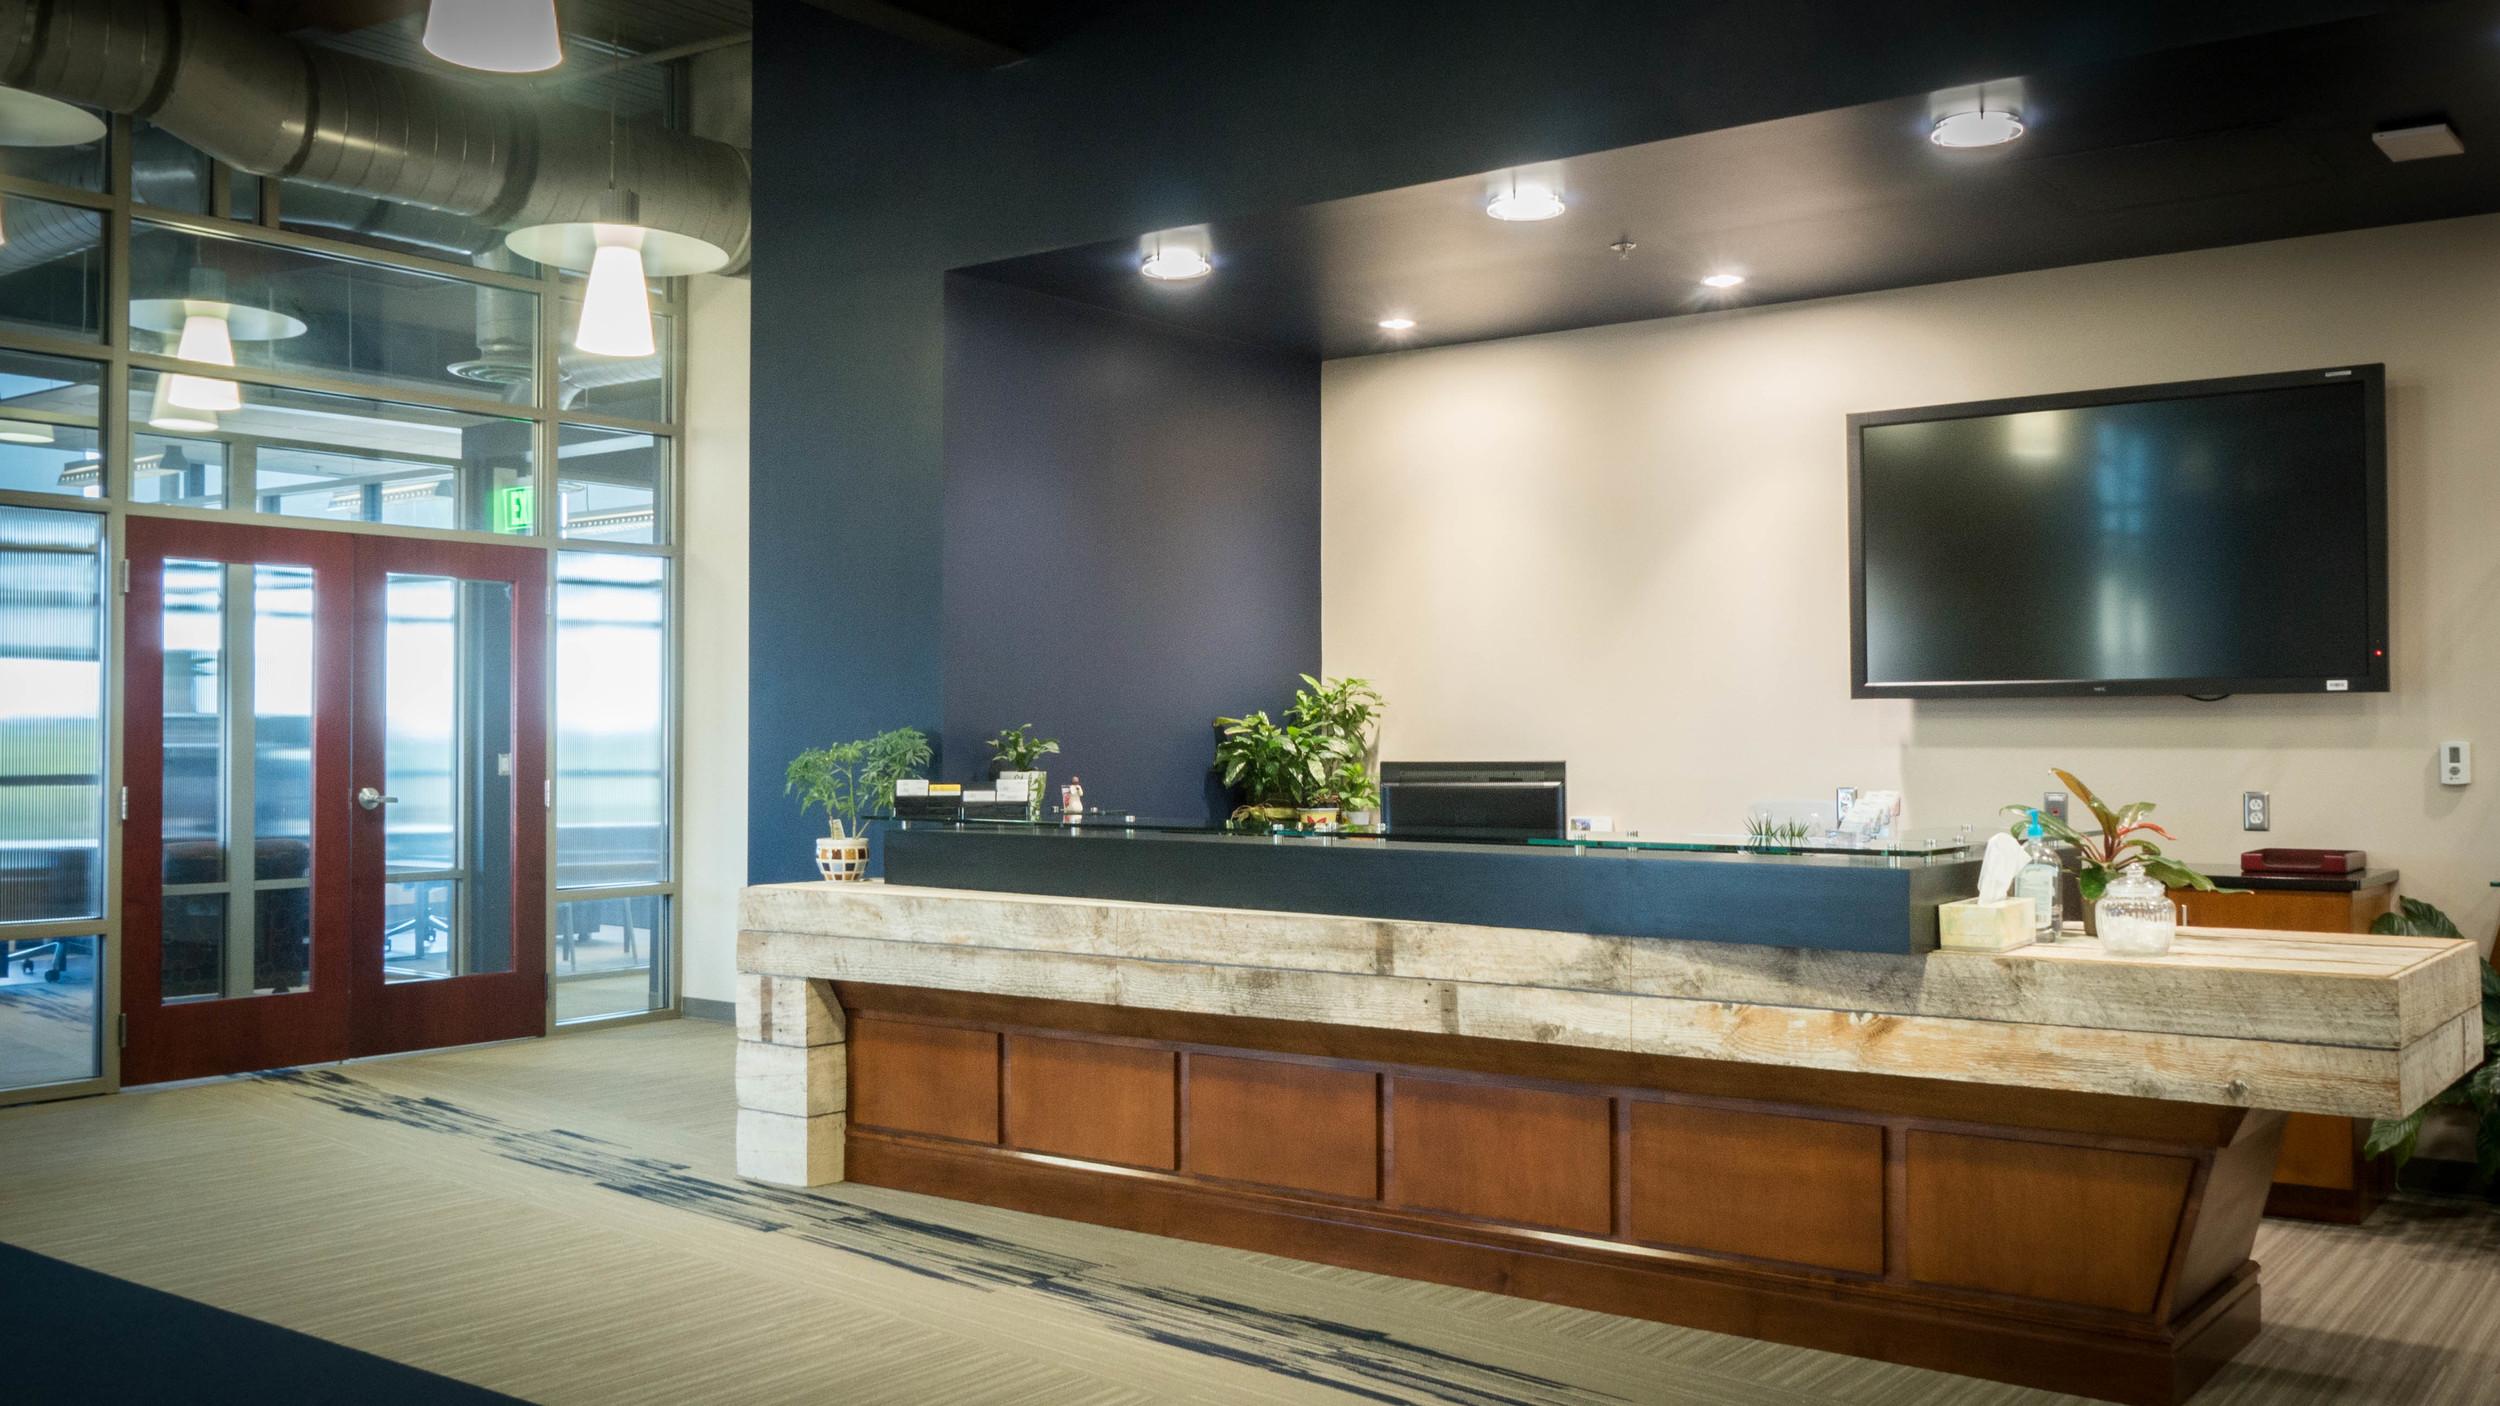 Third floor reception area of Building on Baldwin.